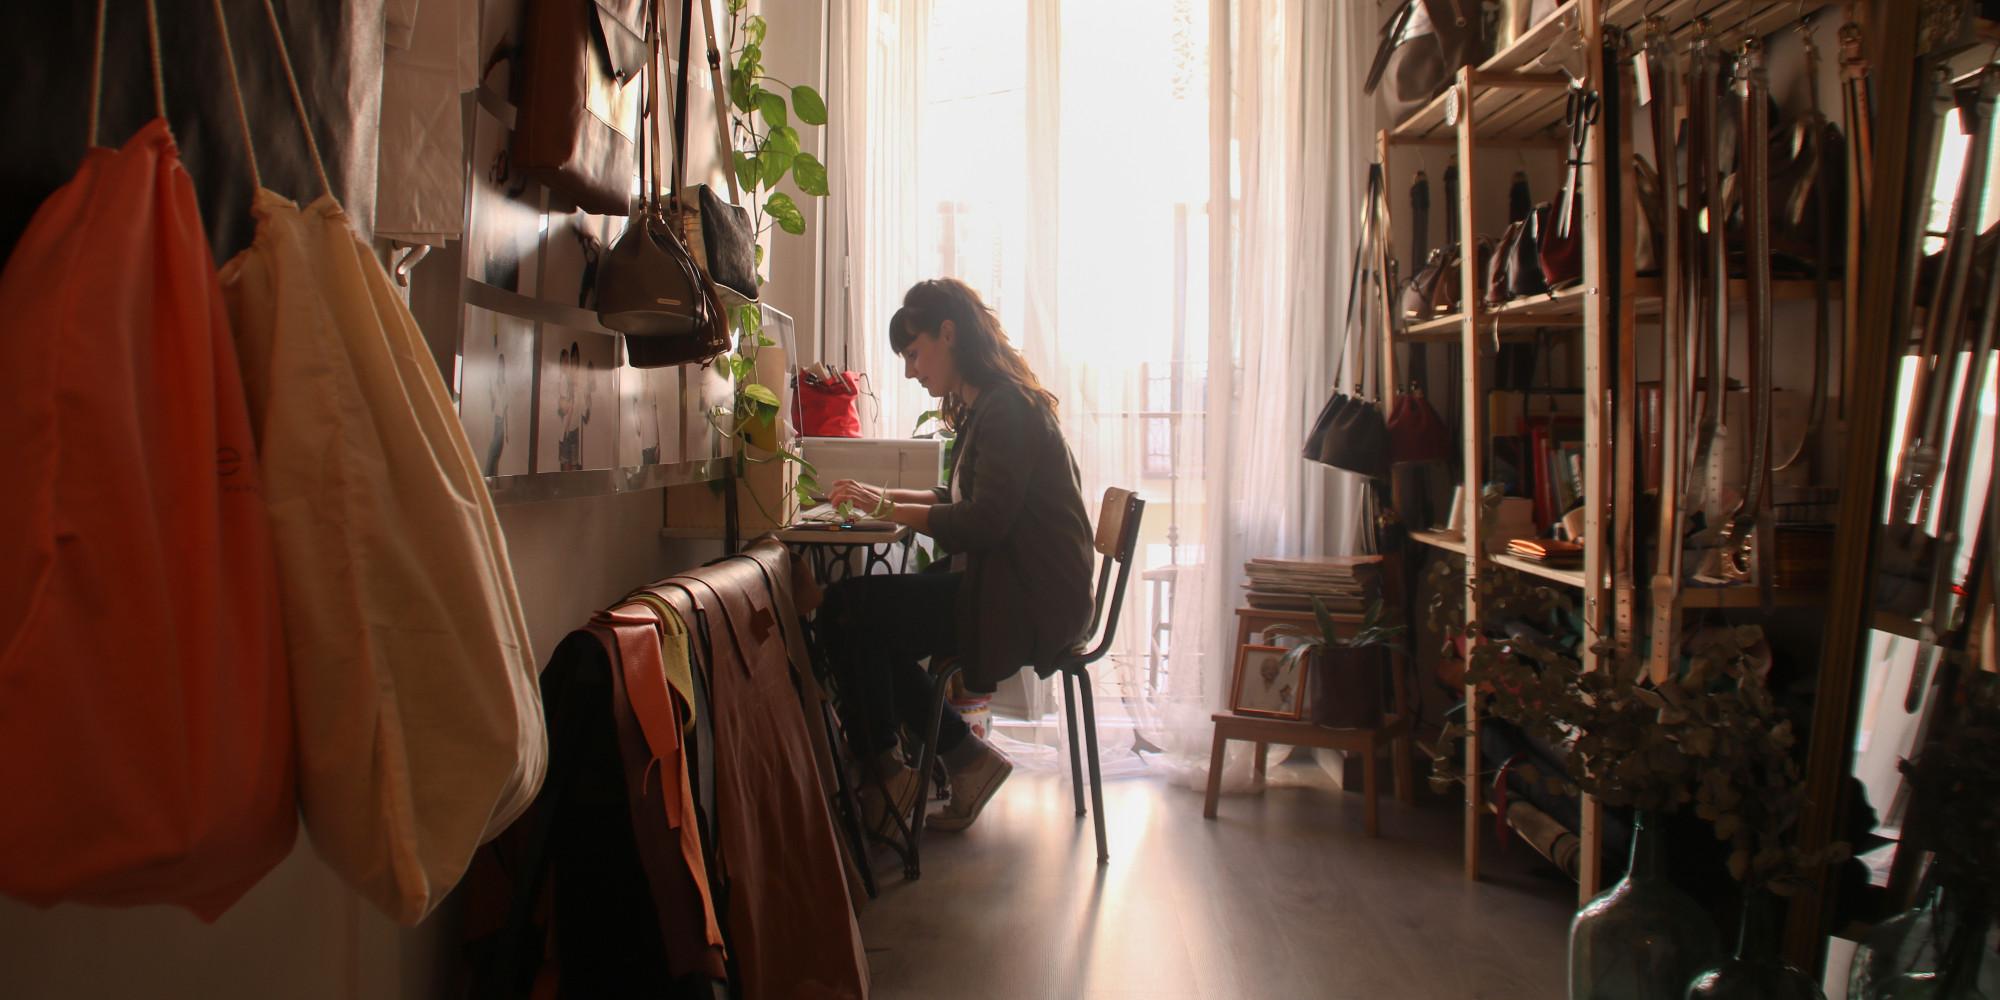 El 'hecho a mano' llega a Amazon con una tienda 'online' para artesanos